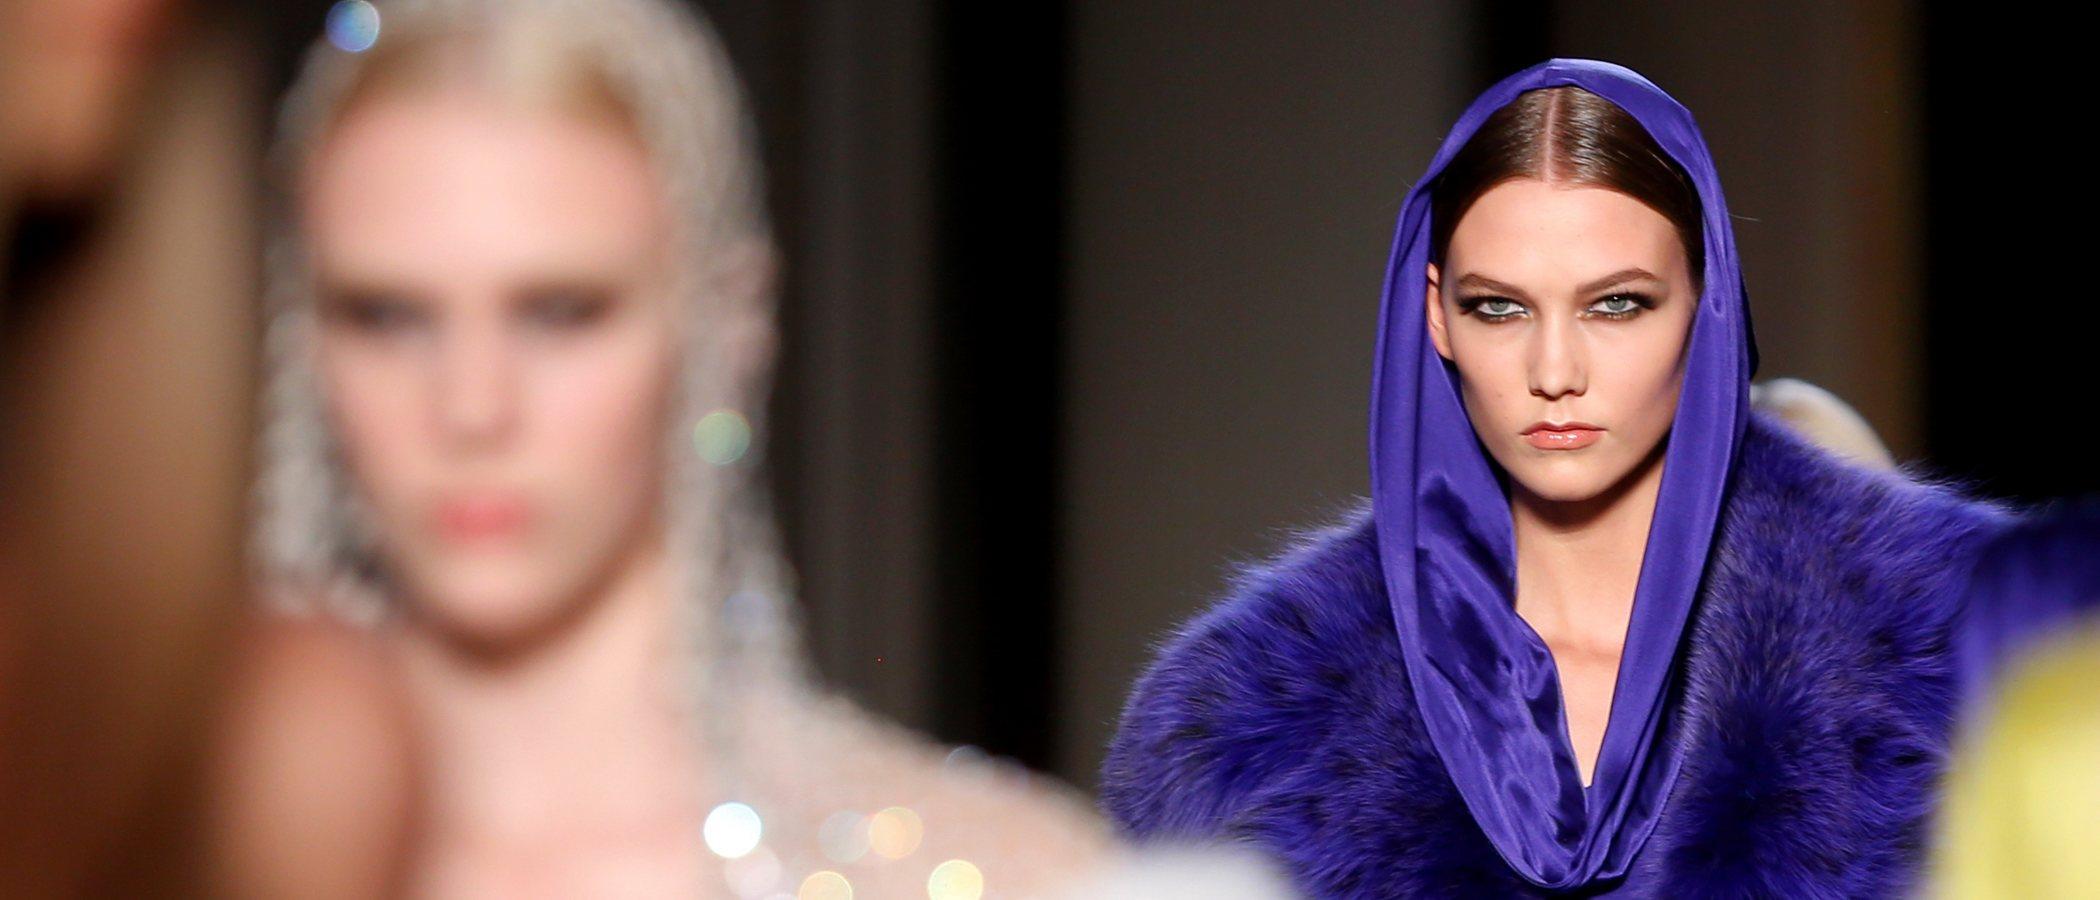 Los 8 hitos que convirtieron a Karlie Kloss en la mejor modelo de su generación